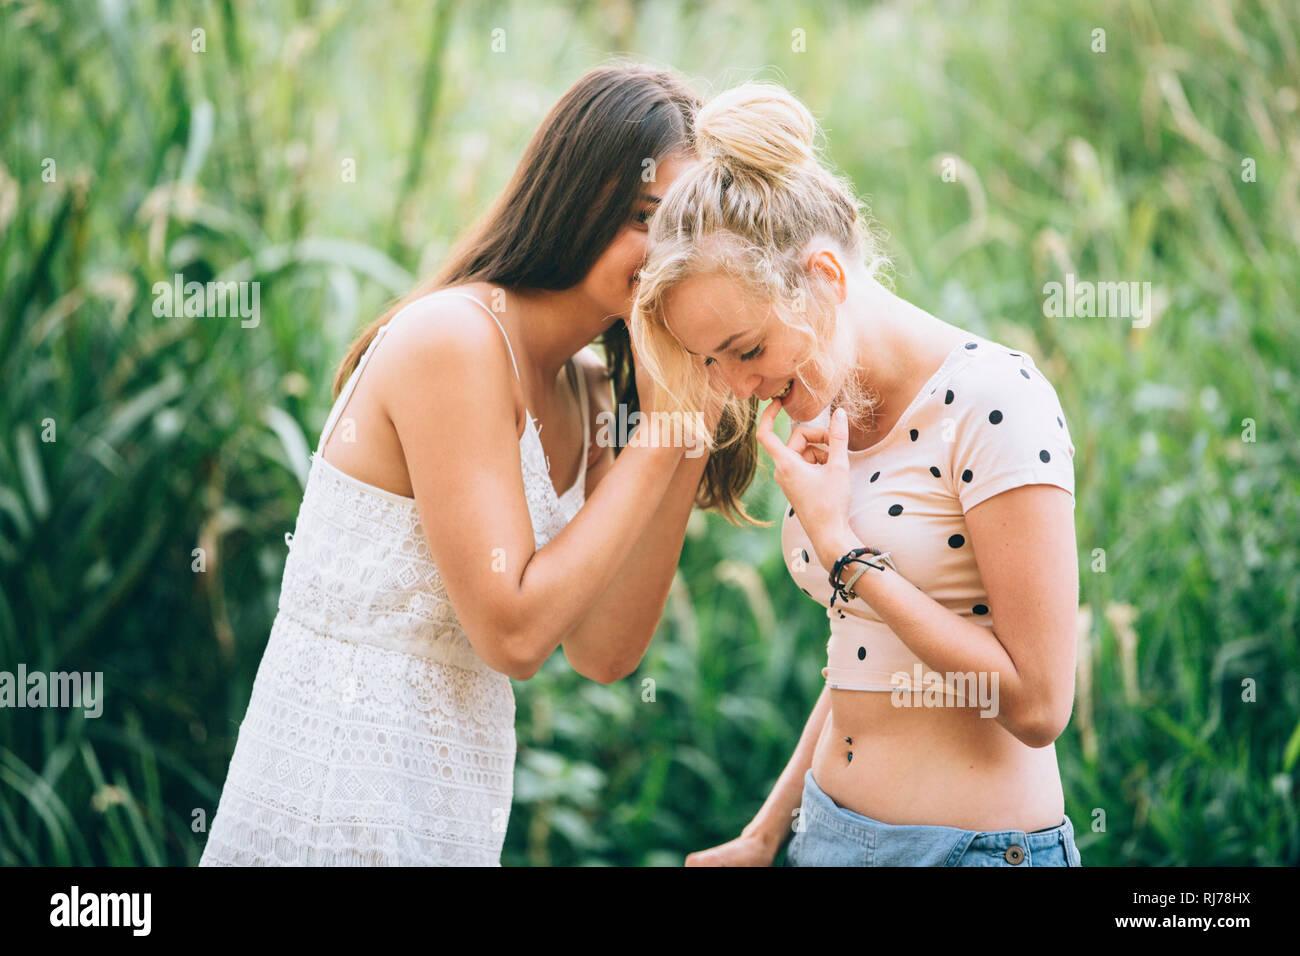 Eine junge Frau flüstert ihrer Freundin etwas ins Ohr Stock Photo